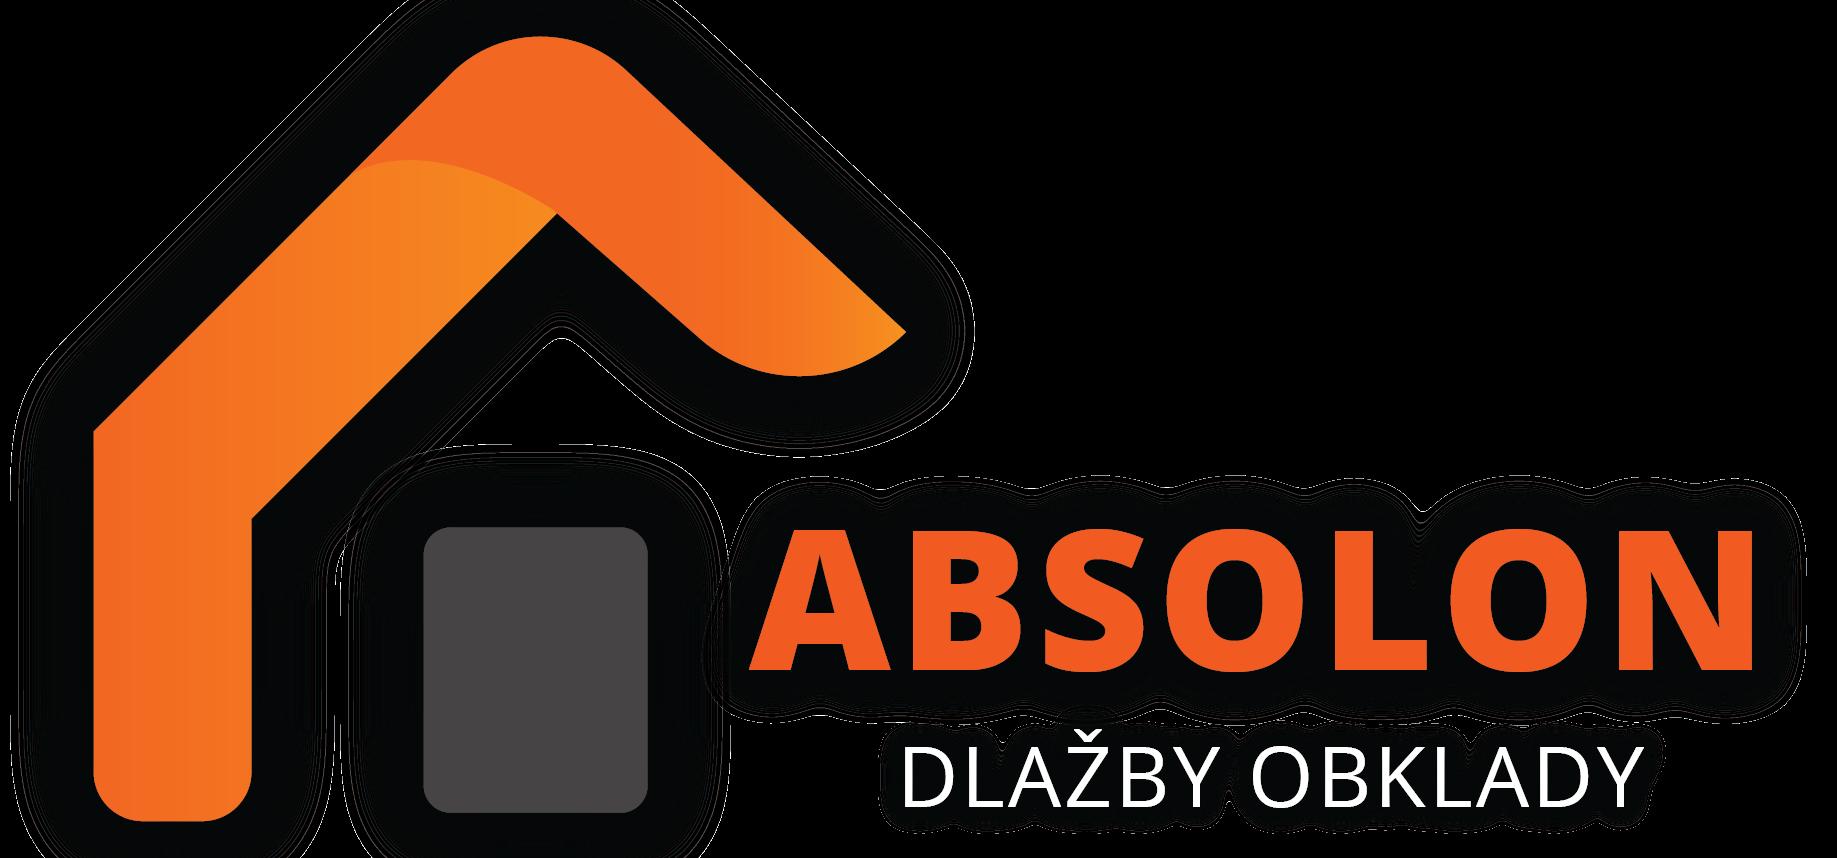 Dlažby obklady Absolon